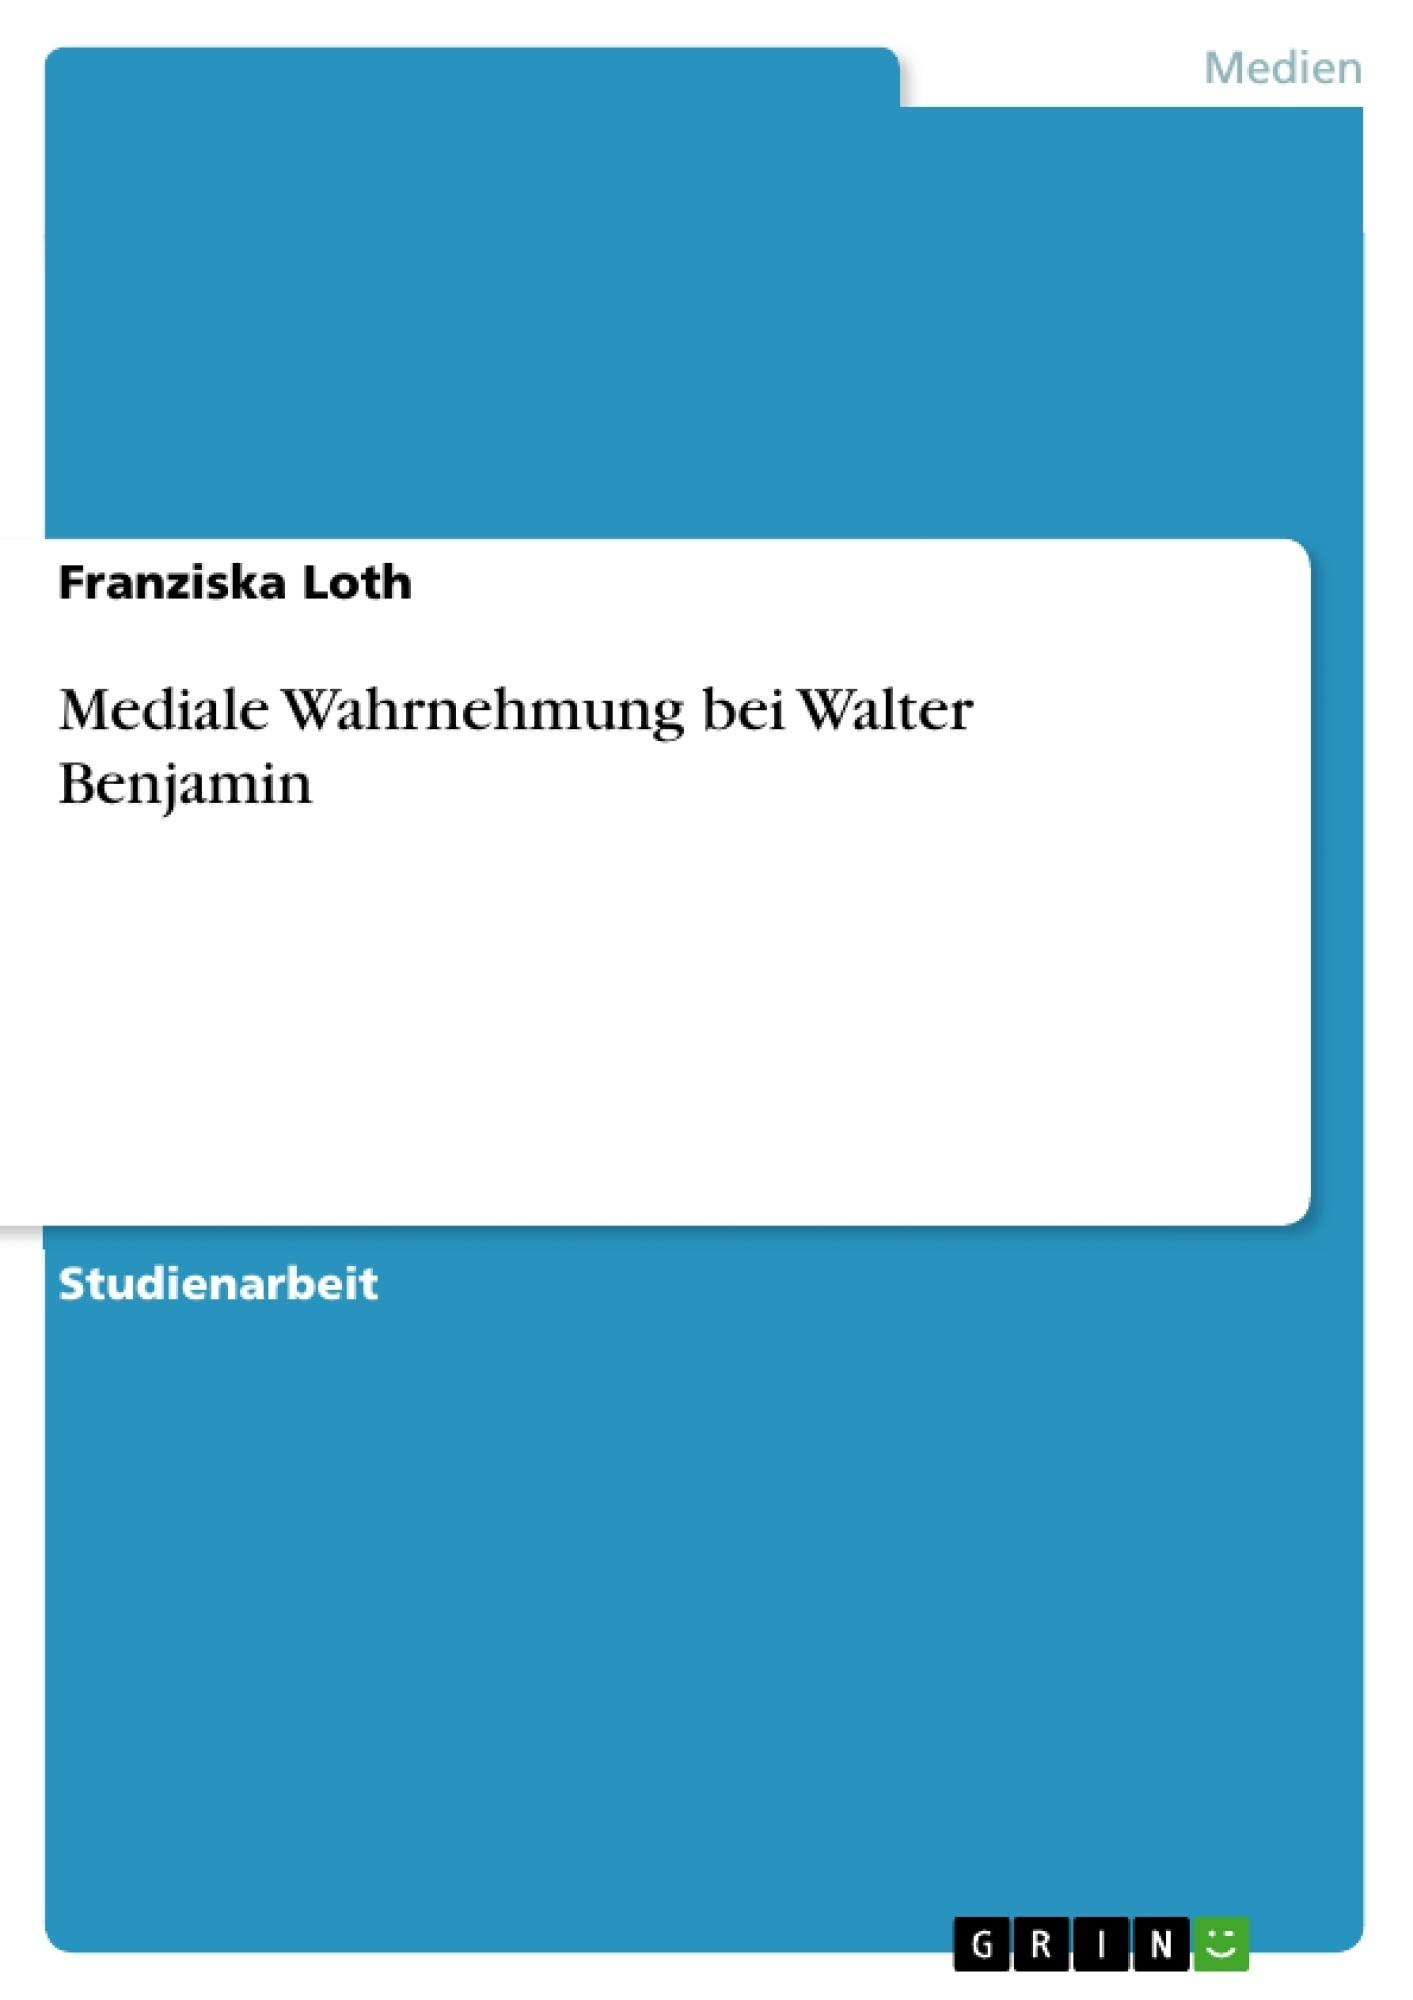 Titel: Mediale Wahrnehmung bei Walter Benjamin